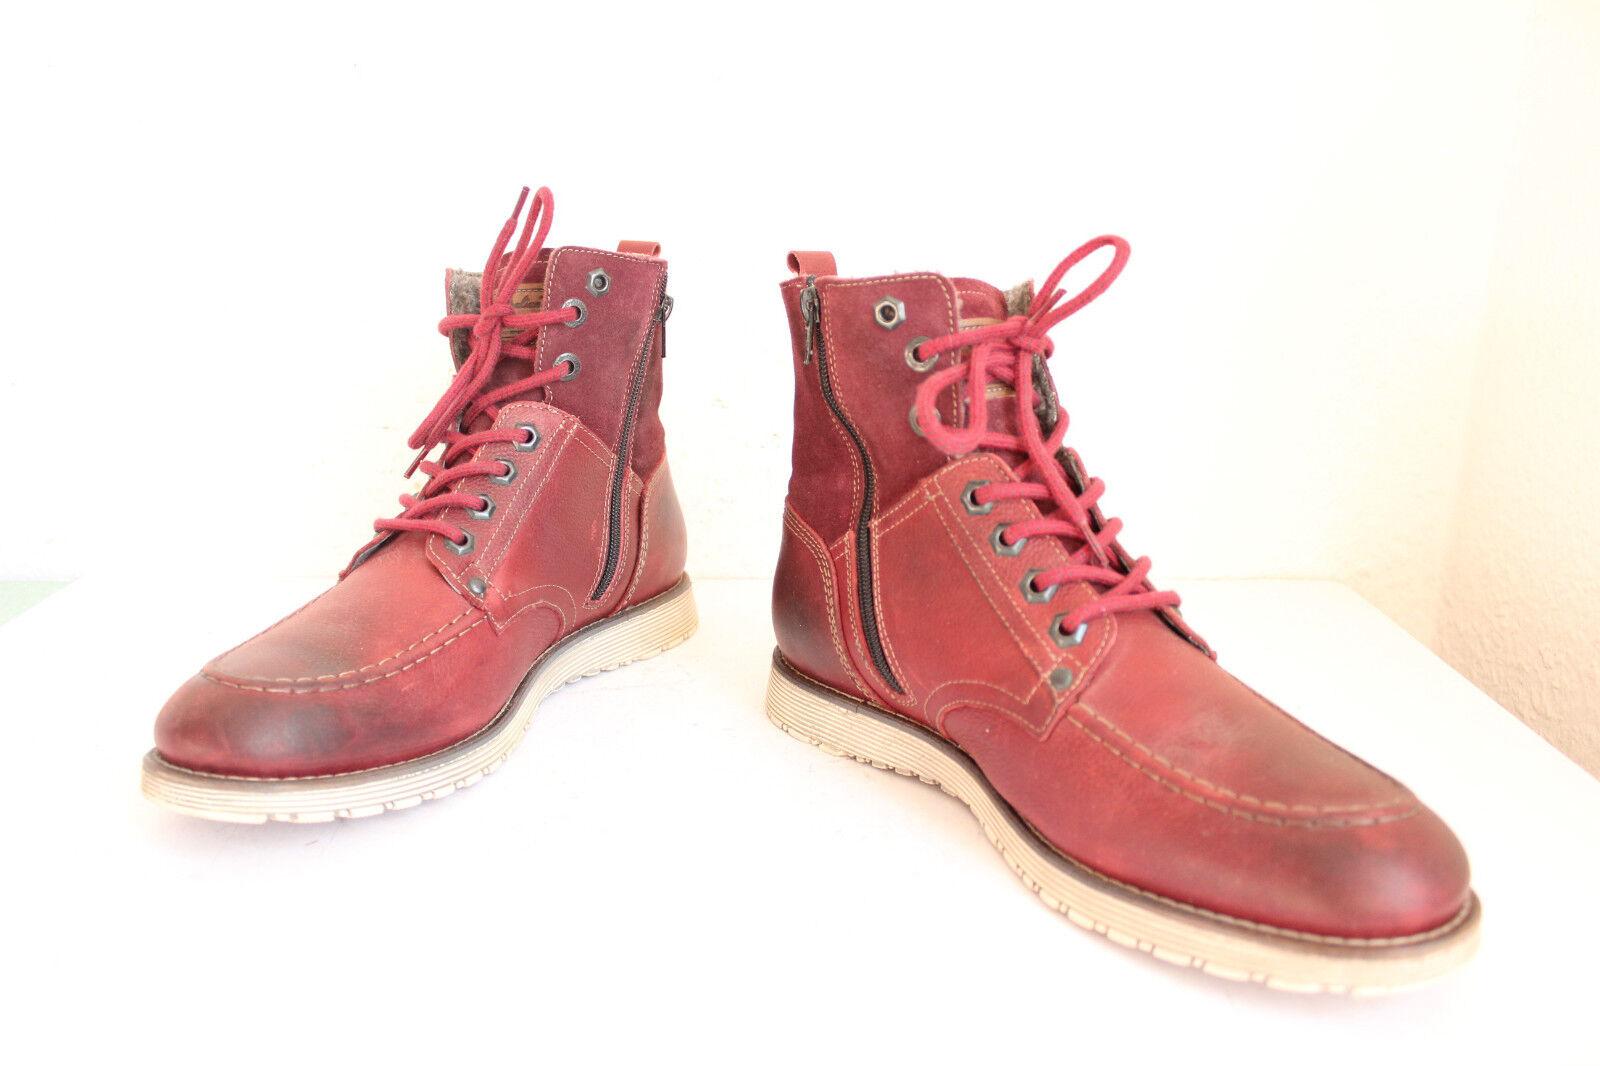 Australian footwear Inverno Stivaletti stivali camoscio rosso vinaccia eu:42 - COME NUOVO --